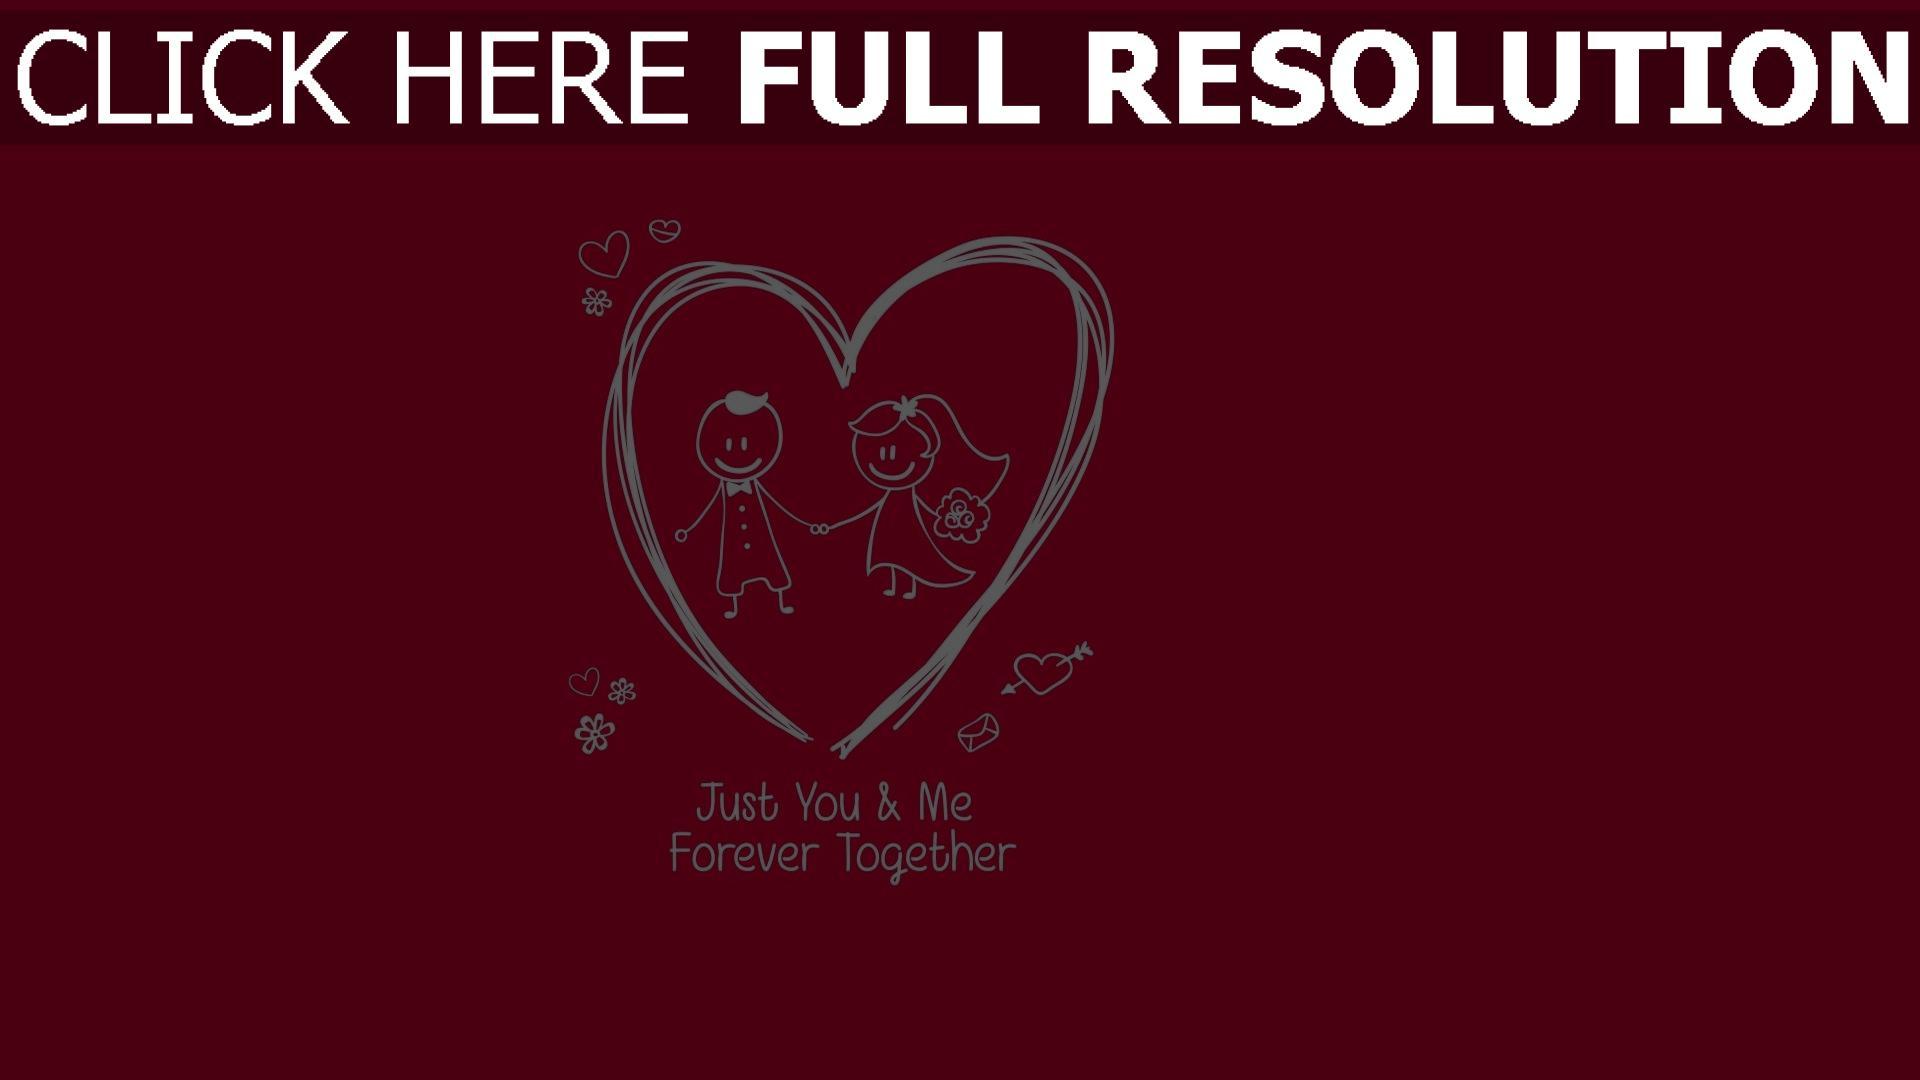 Hd Hintergrundbilder Herz Rosa Zeichen Paar Hochzeit Zeichnung